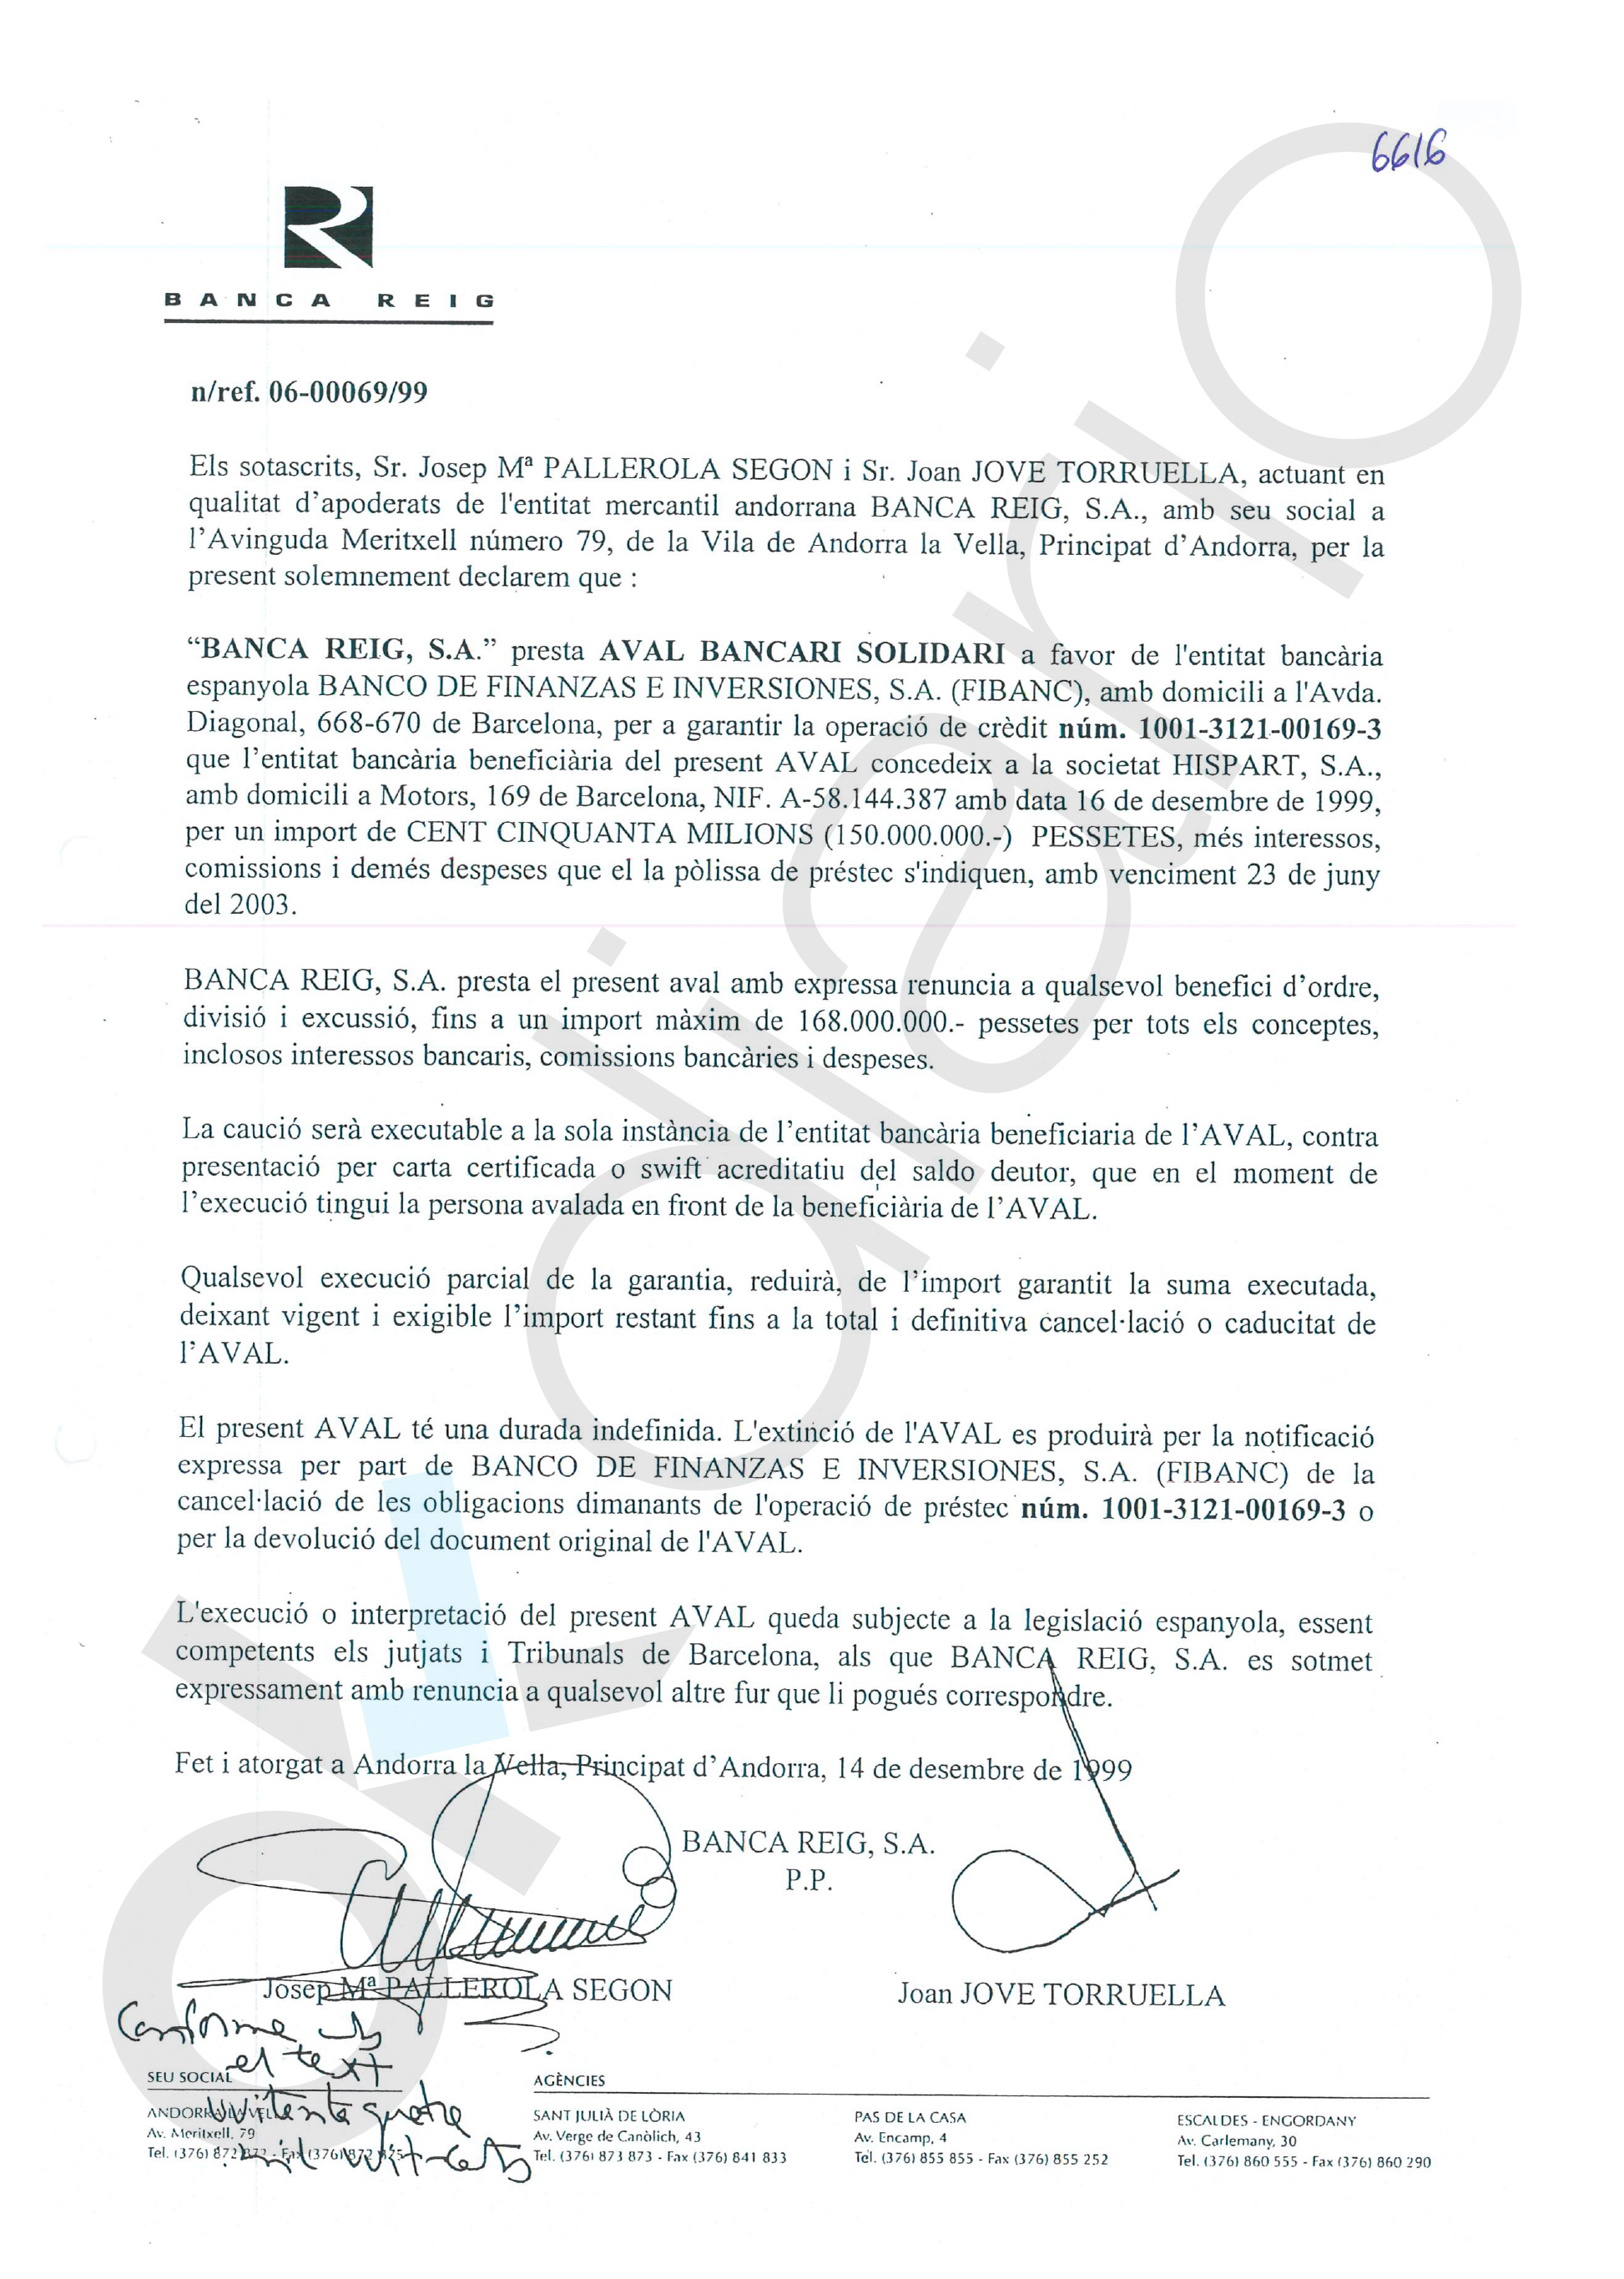 Pujol avaló con 2 millones desde sus cuentas en Andorra la campaña de CiU en las generales de 2000